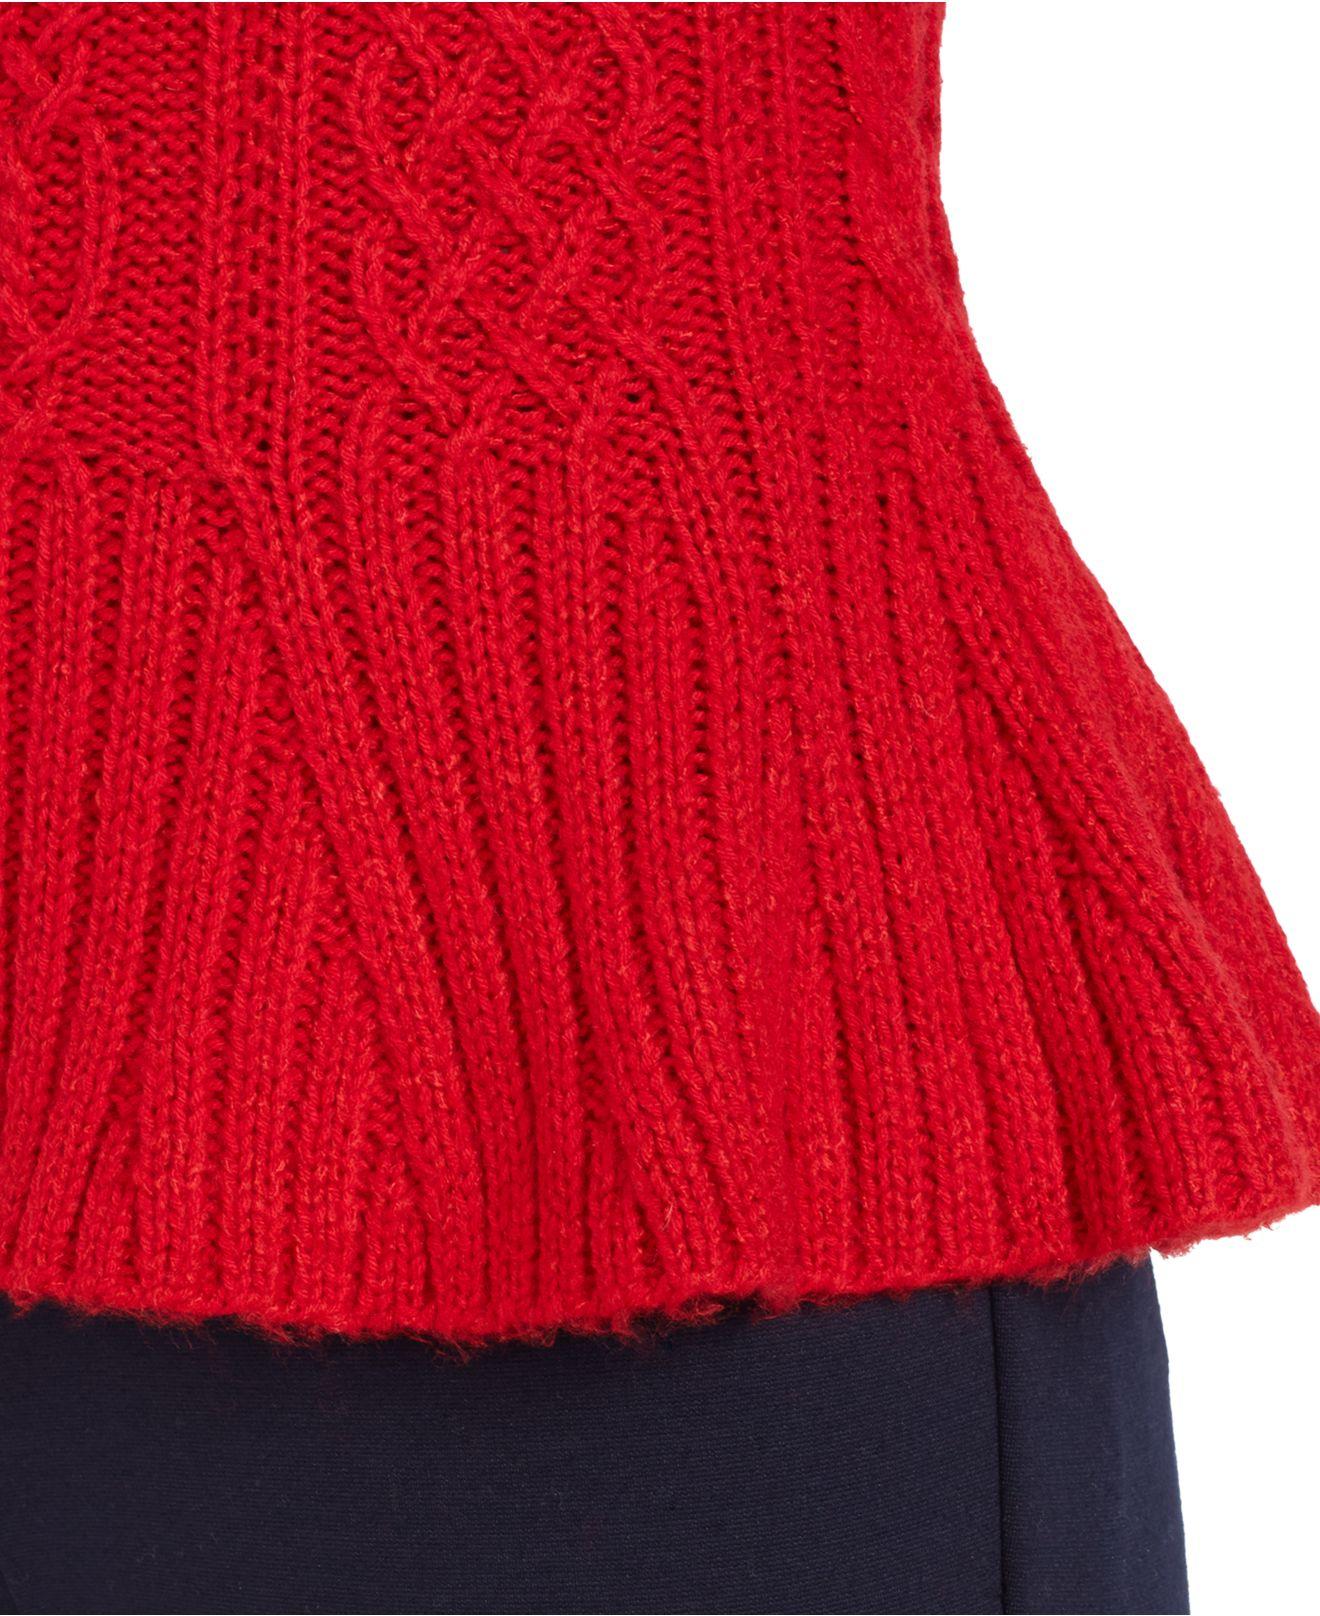 Lauren by ralph lauren Mock-Turtleneck Cable-Knit Peplum Sweater ...